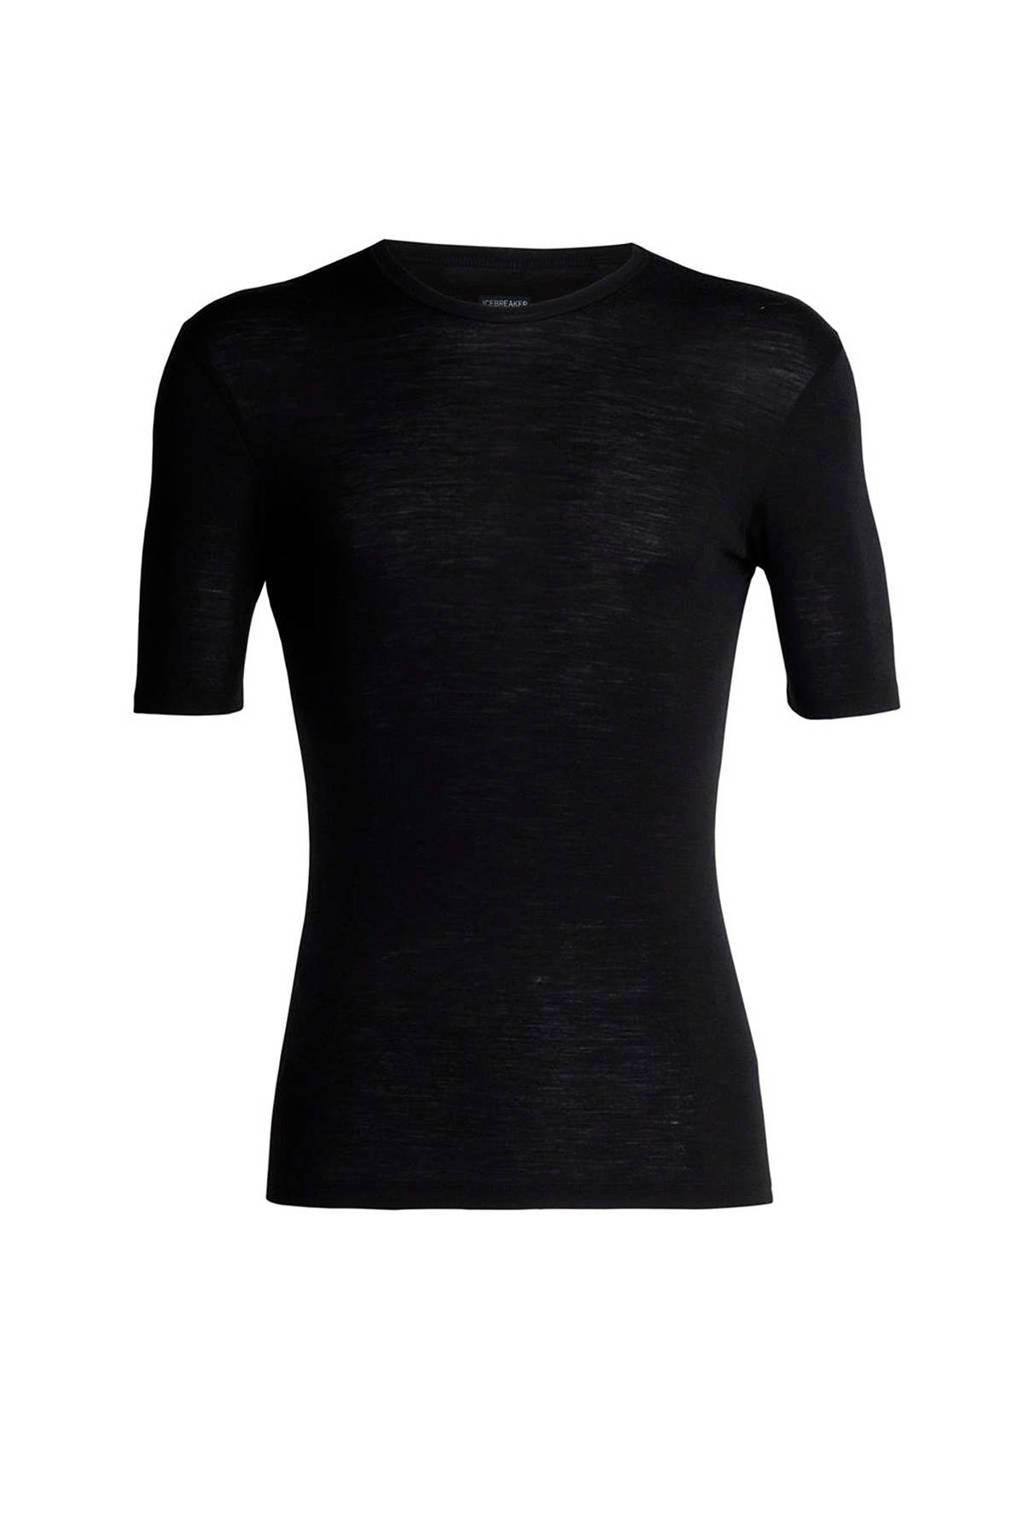 Icebreaker 175 thermoshirt merinowol zwart, Black